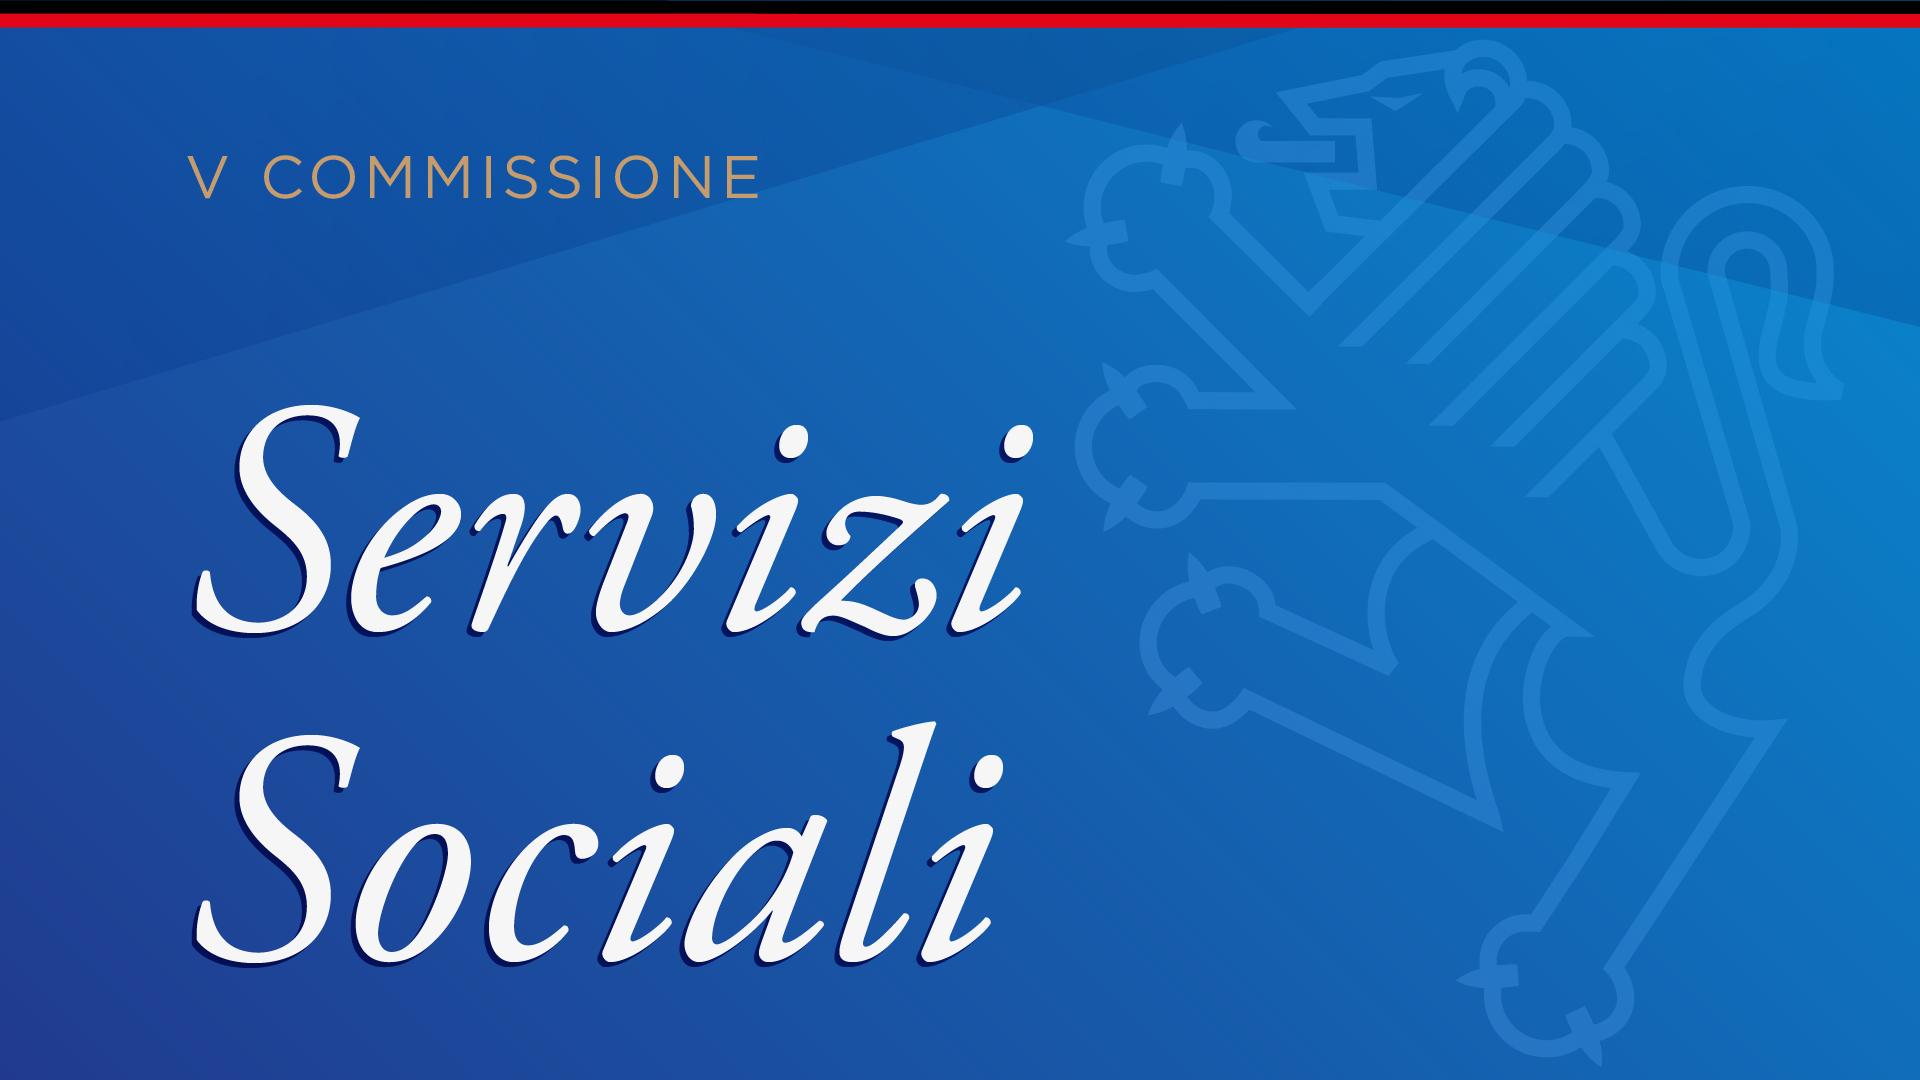 V Commissione: Servizi Sociali